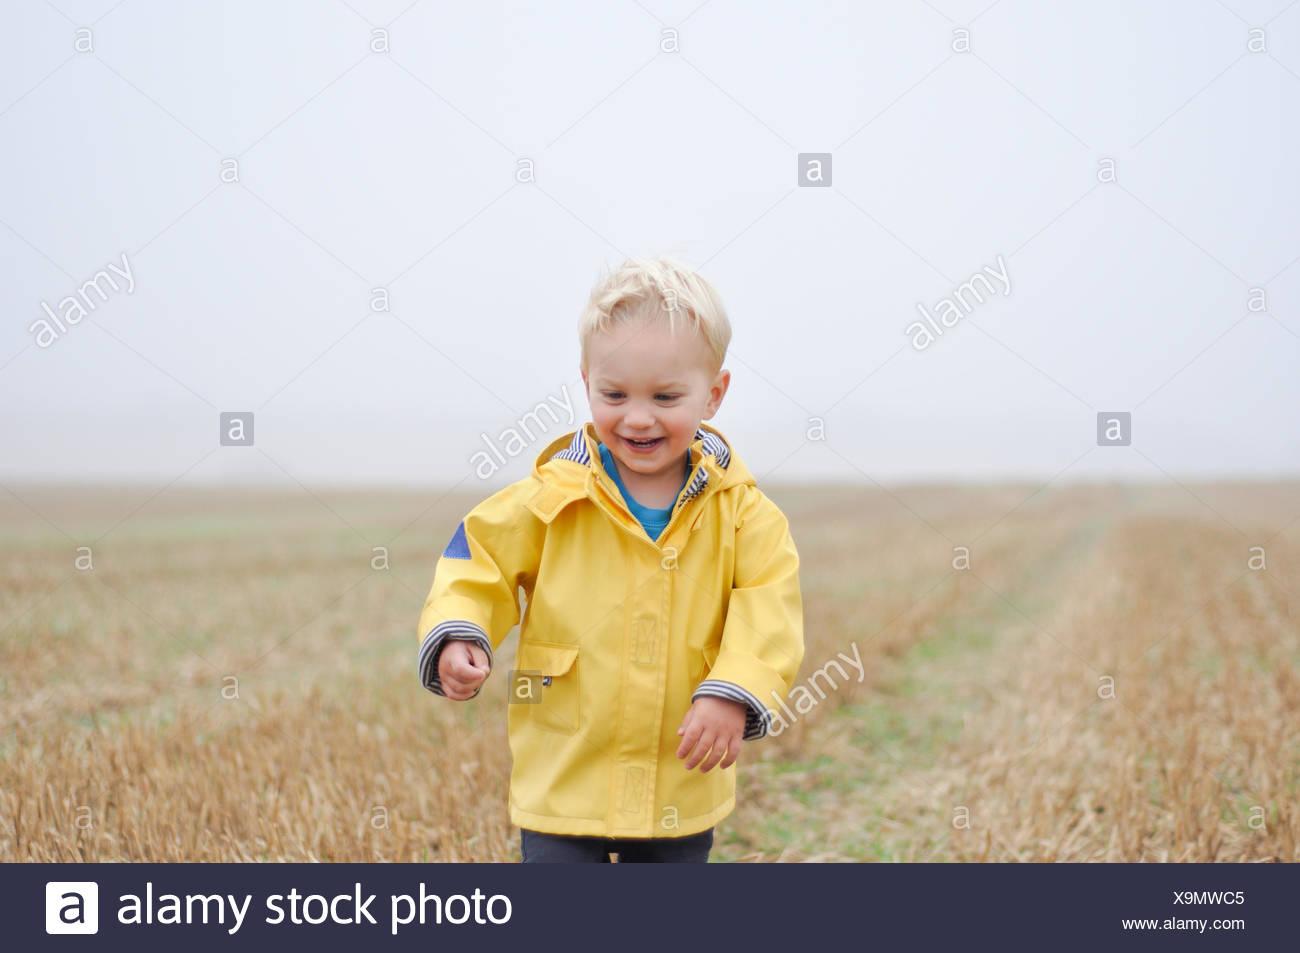 Muchacho en una capa de lluvia de pie en un campo de trigo, Inglaterra, Reino Unido. Imagen De Stock